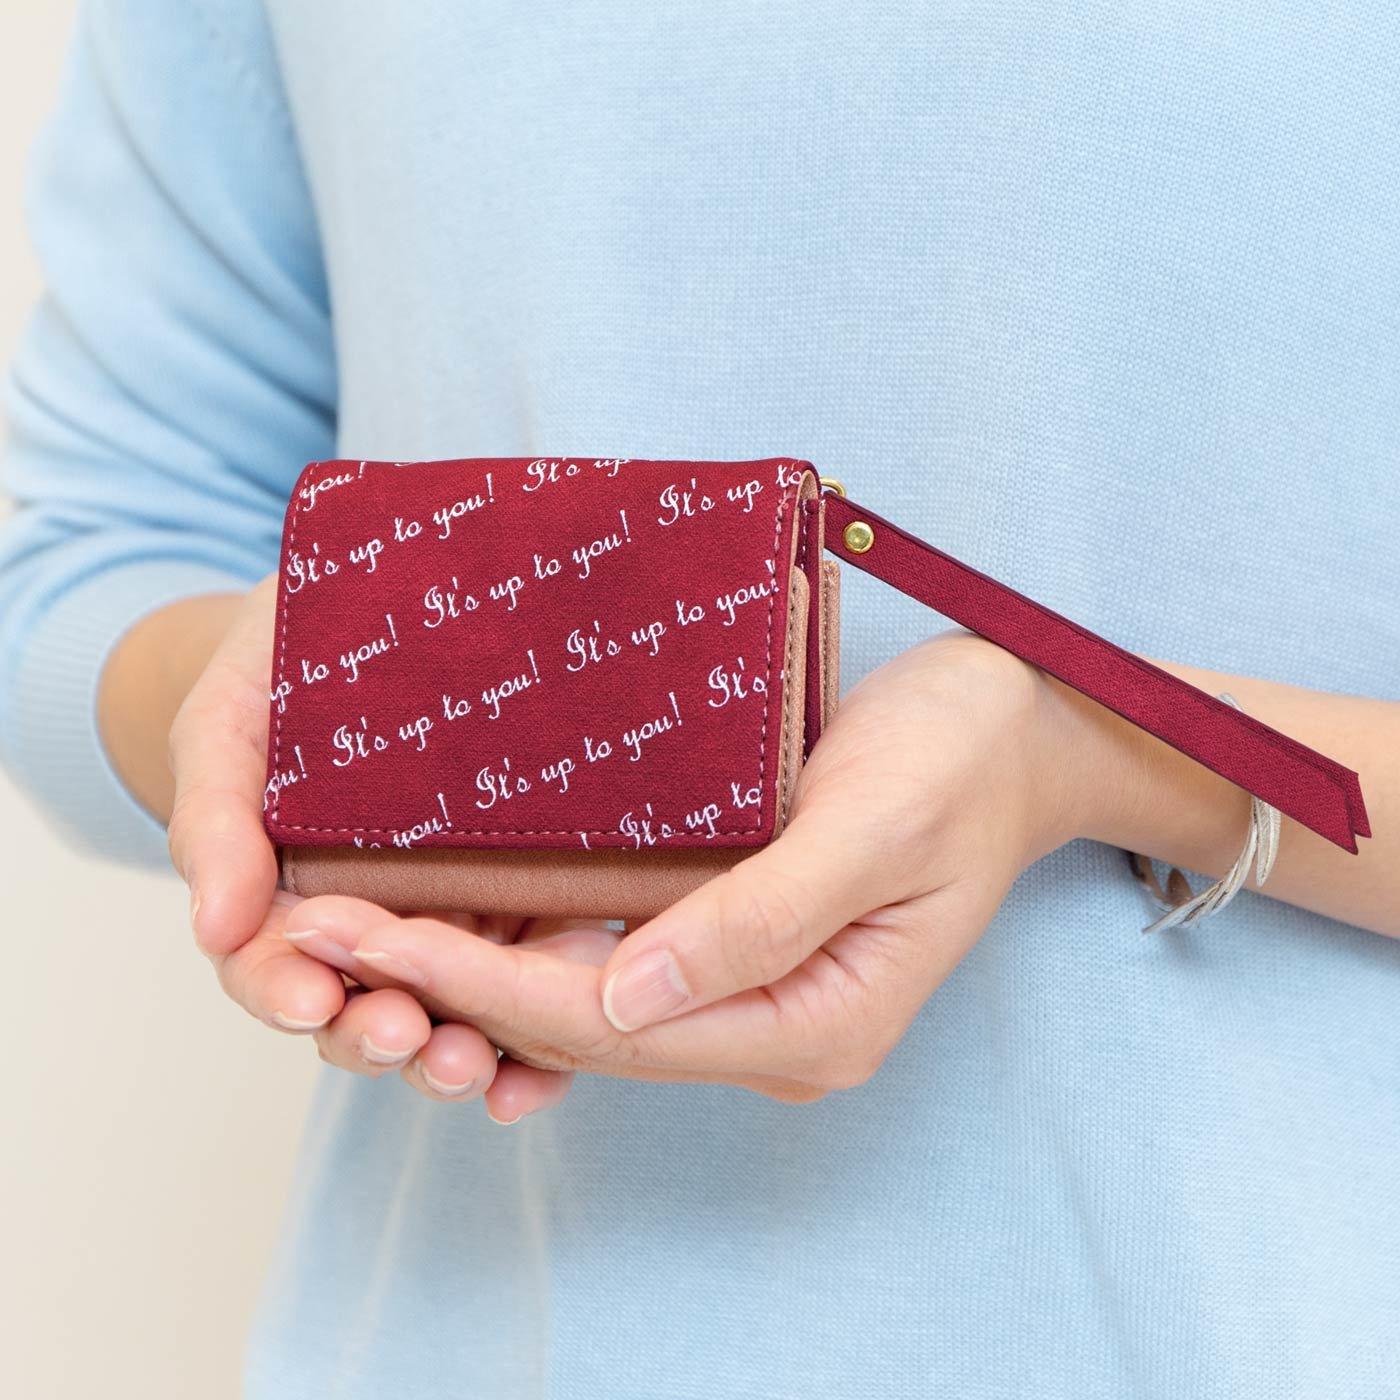 UP.de 心弾む♪ マカロンカラーのキーリング付き手のり財布の会